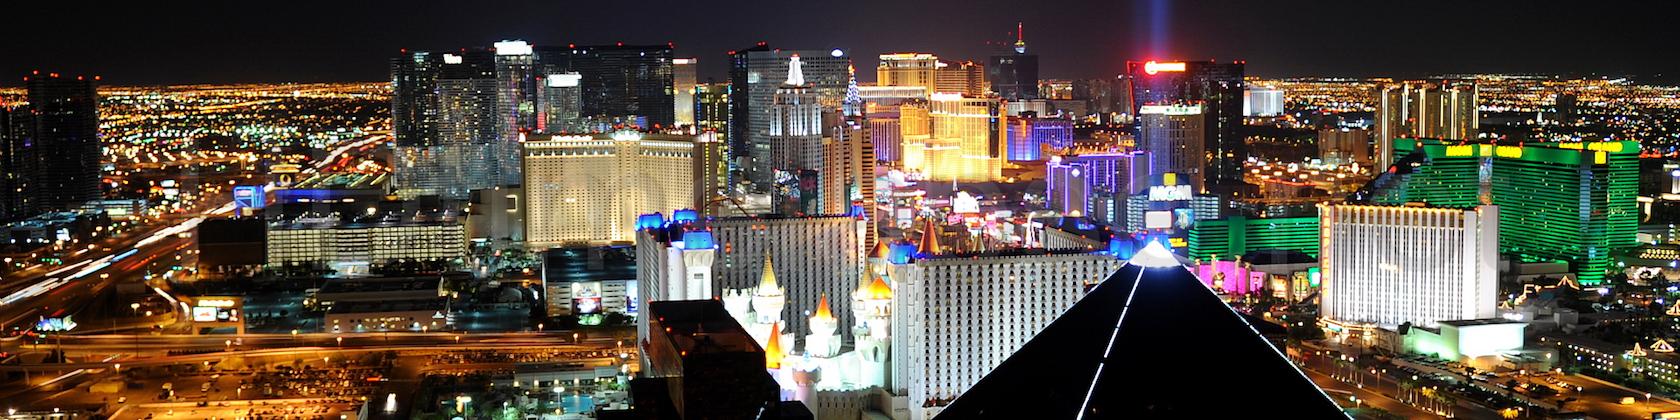 LasVegas-Treasure-Tours-of-Nevada-deutsche-Touren-Las-Vegas-bei-Nacht